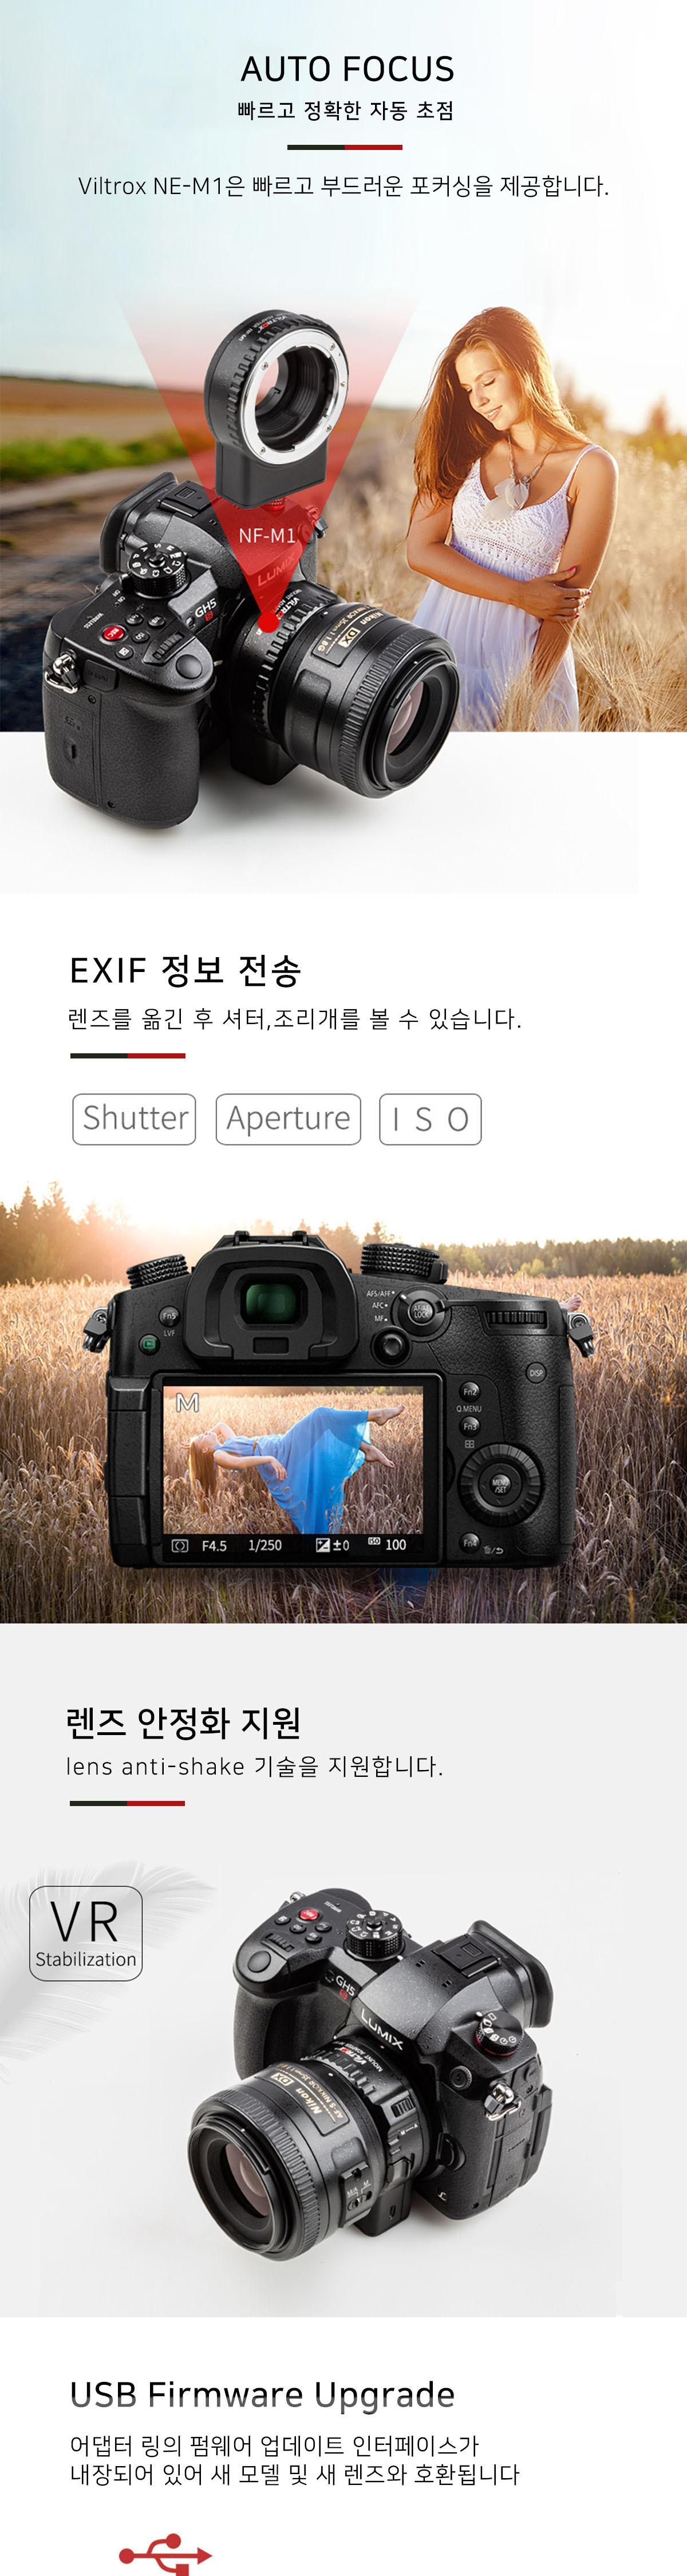 NF-M1_03.jpg